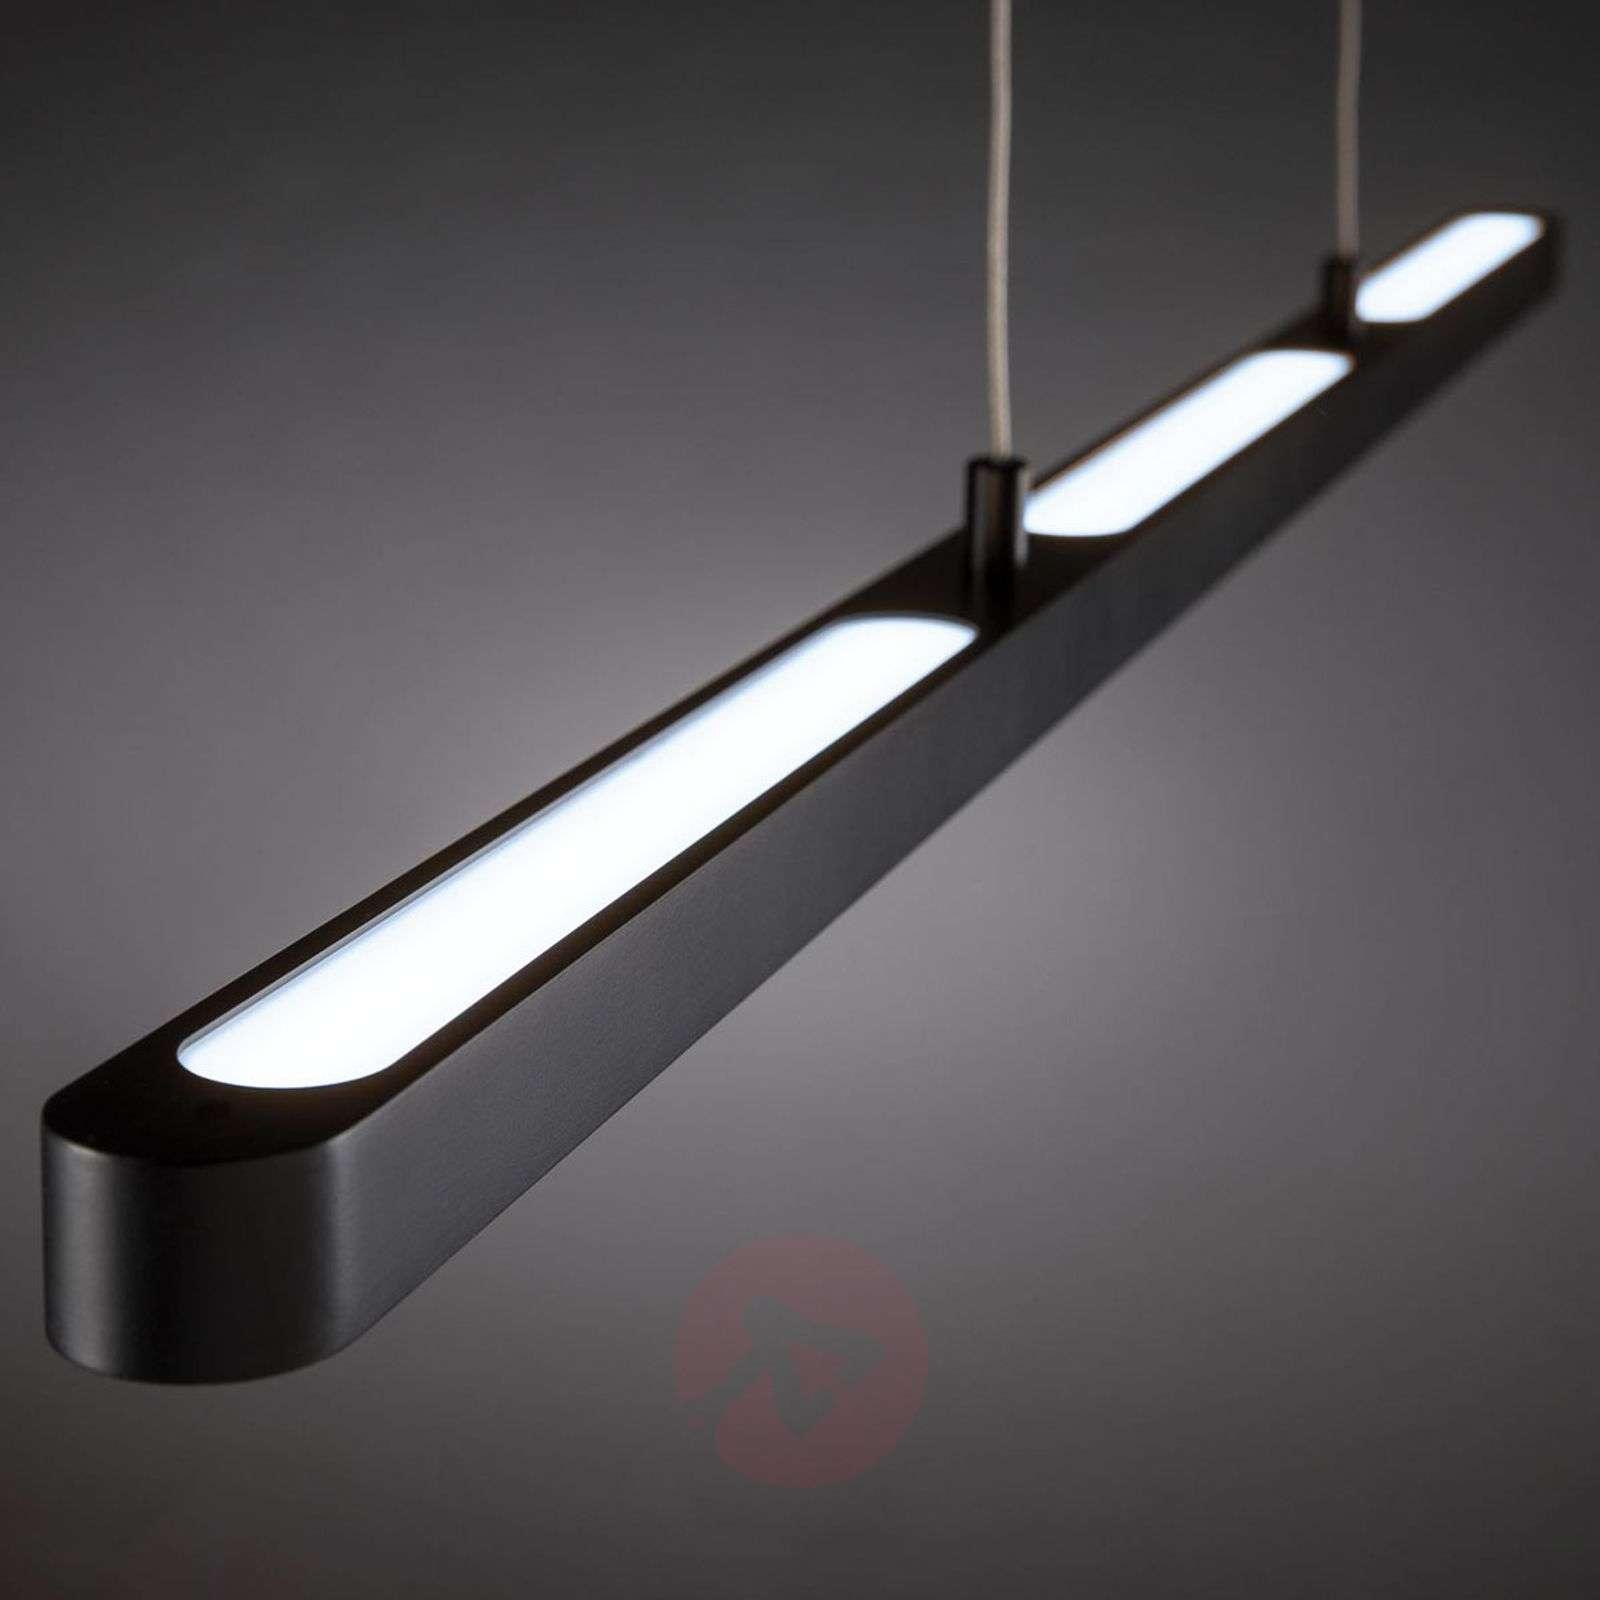 Paulmann Bluetooth Lento LED-riippuvalaisin-7601230-01